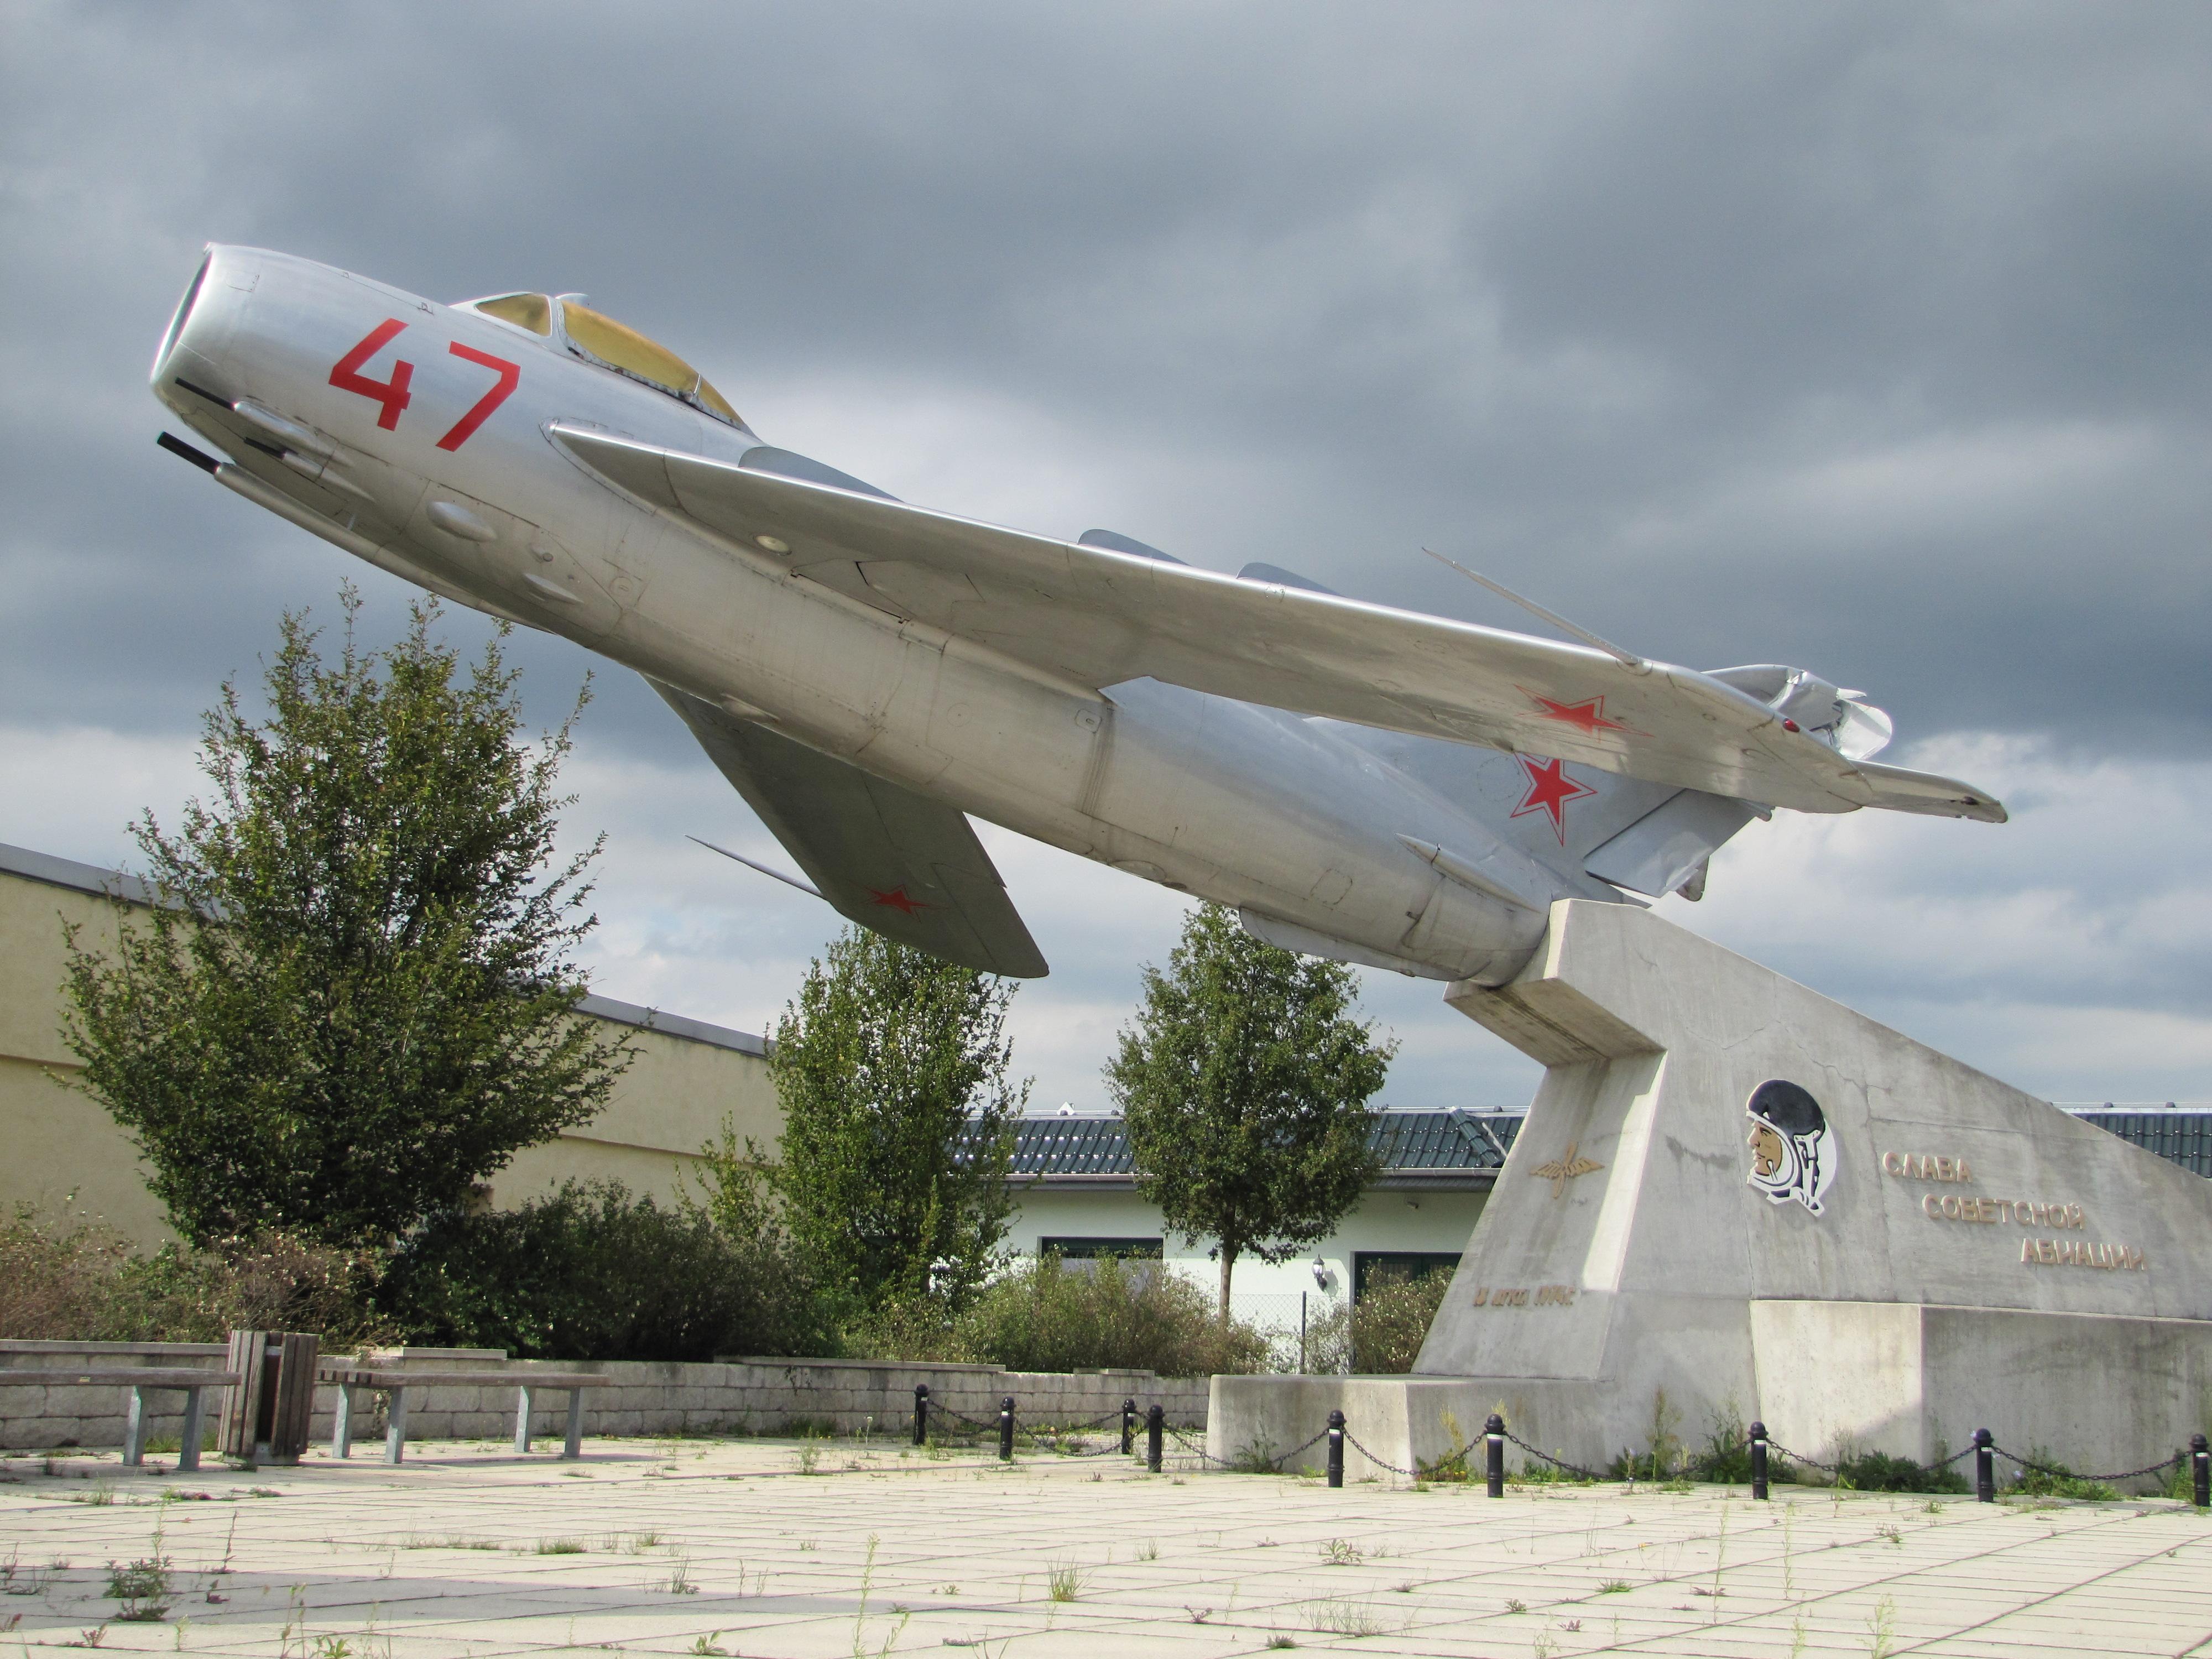 Flugplatz Gro�enhain-Flugzeugdenkmal MiG-17-B2.jpg